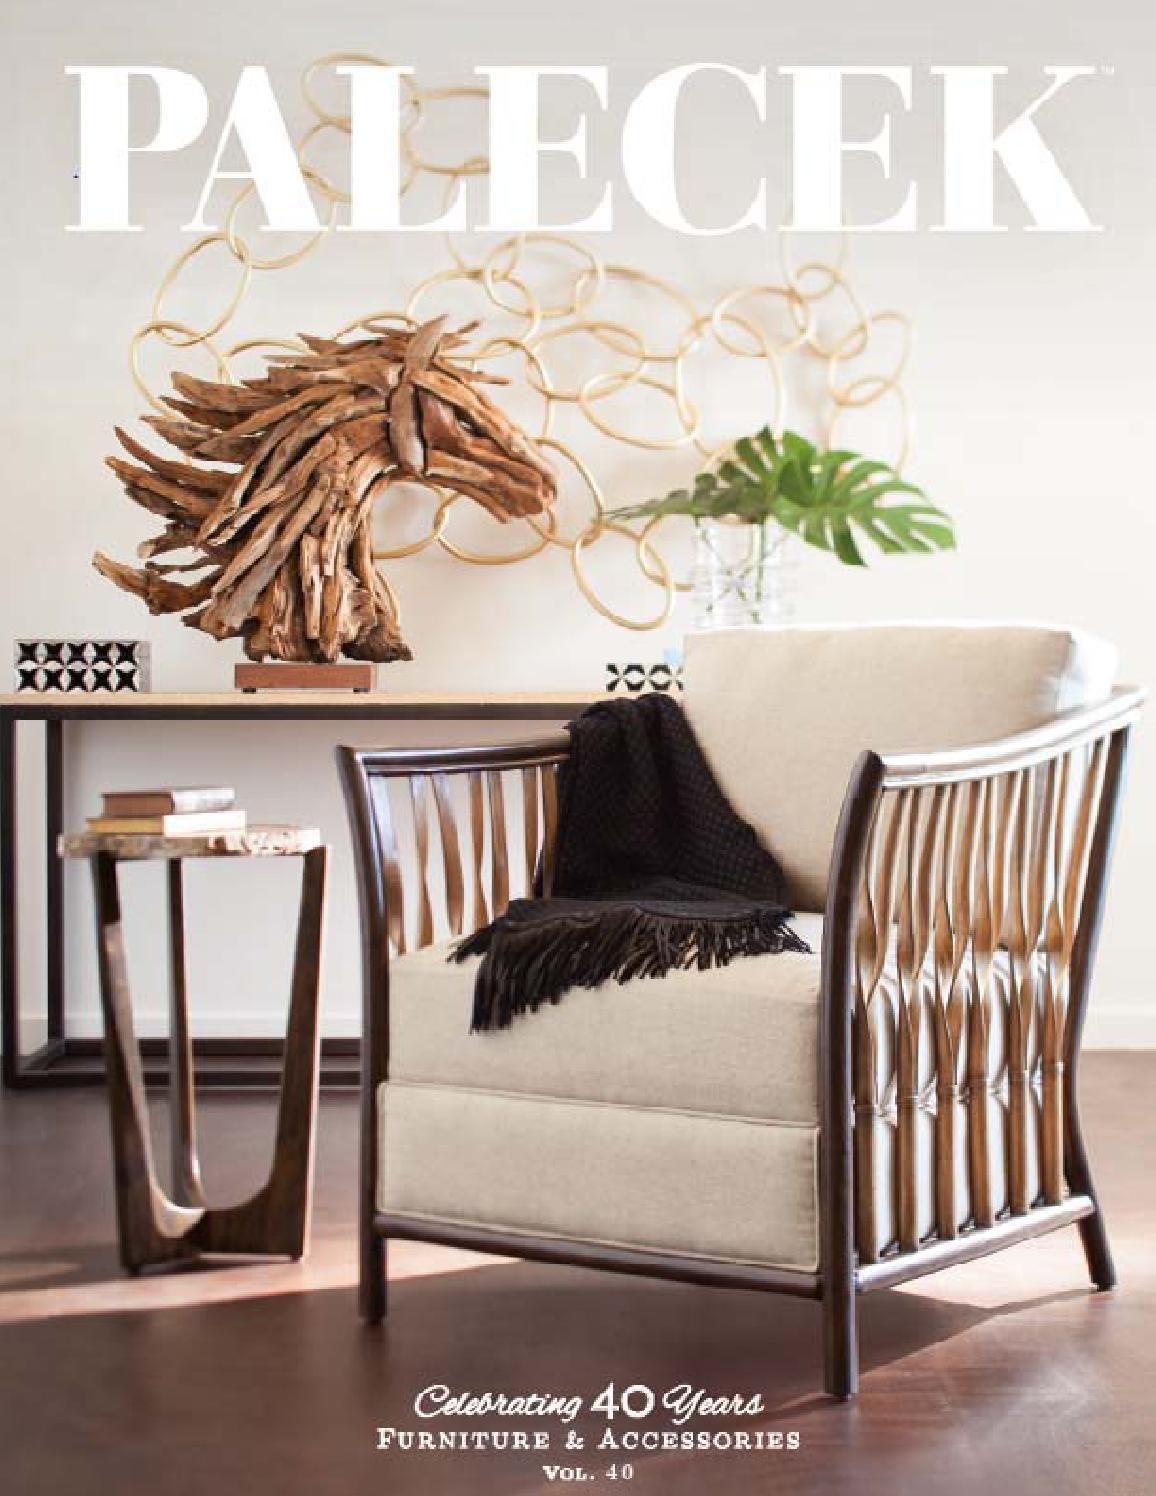 Palecek Furniture Accessories Catalog Volume 40 By Palecekdesign Issuu